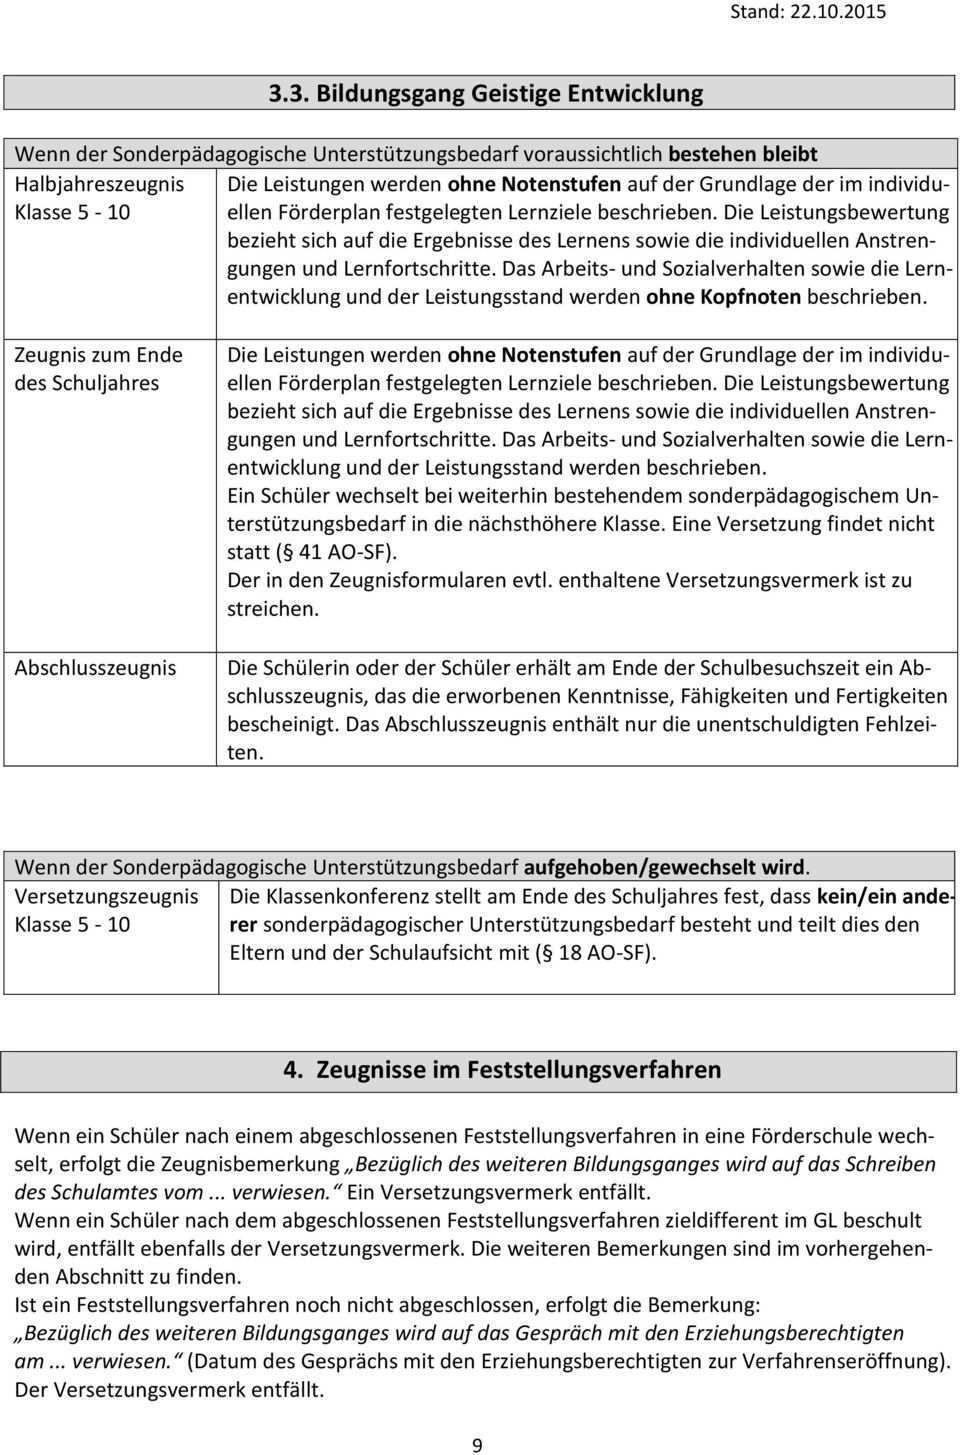 Hinweise Zur Zeugniserstellung Fur Schulerinnen Und Schuler Mit Sonderpadagogischem Unterstutzungsbedarf Pdf Kostenfreier Download